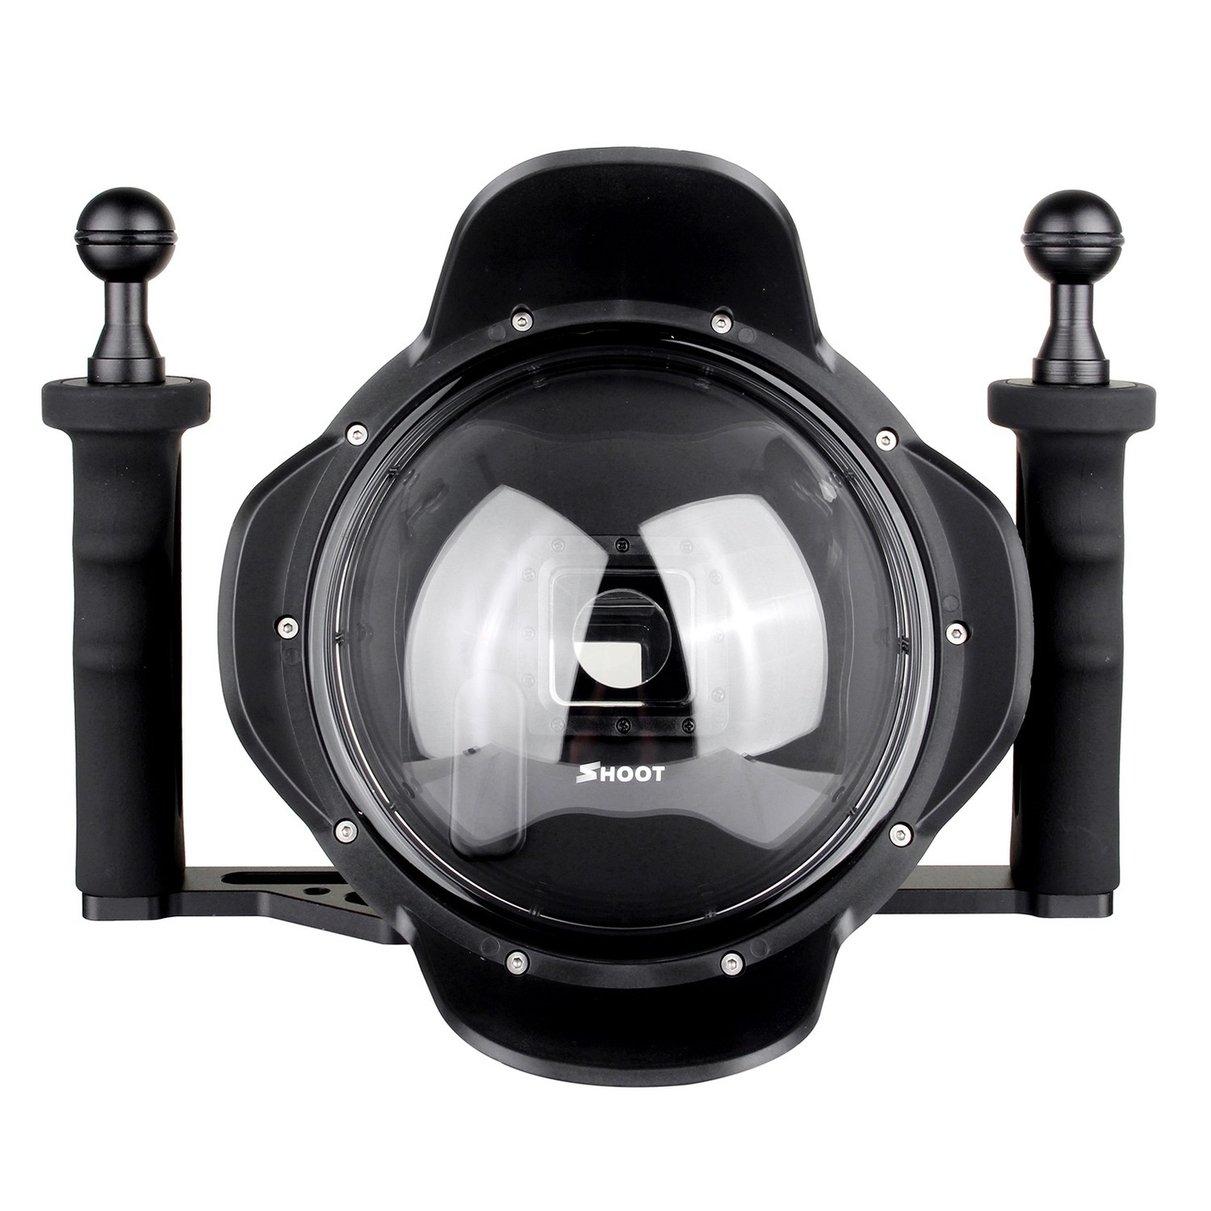 Shoot pro 3.0 versione 6 ''inch immersione stabilizzatore palmare lente cappuccio di obiettivo cupola cupola porta per la macchina fotografica gopro hero 3 + 4